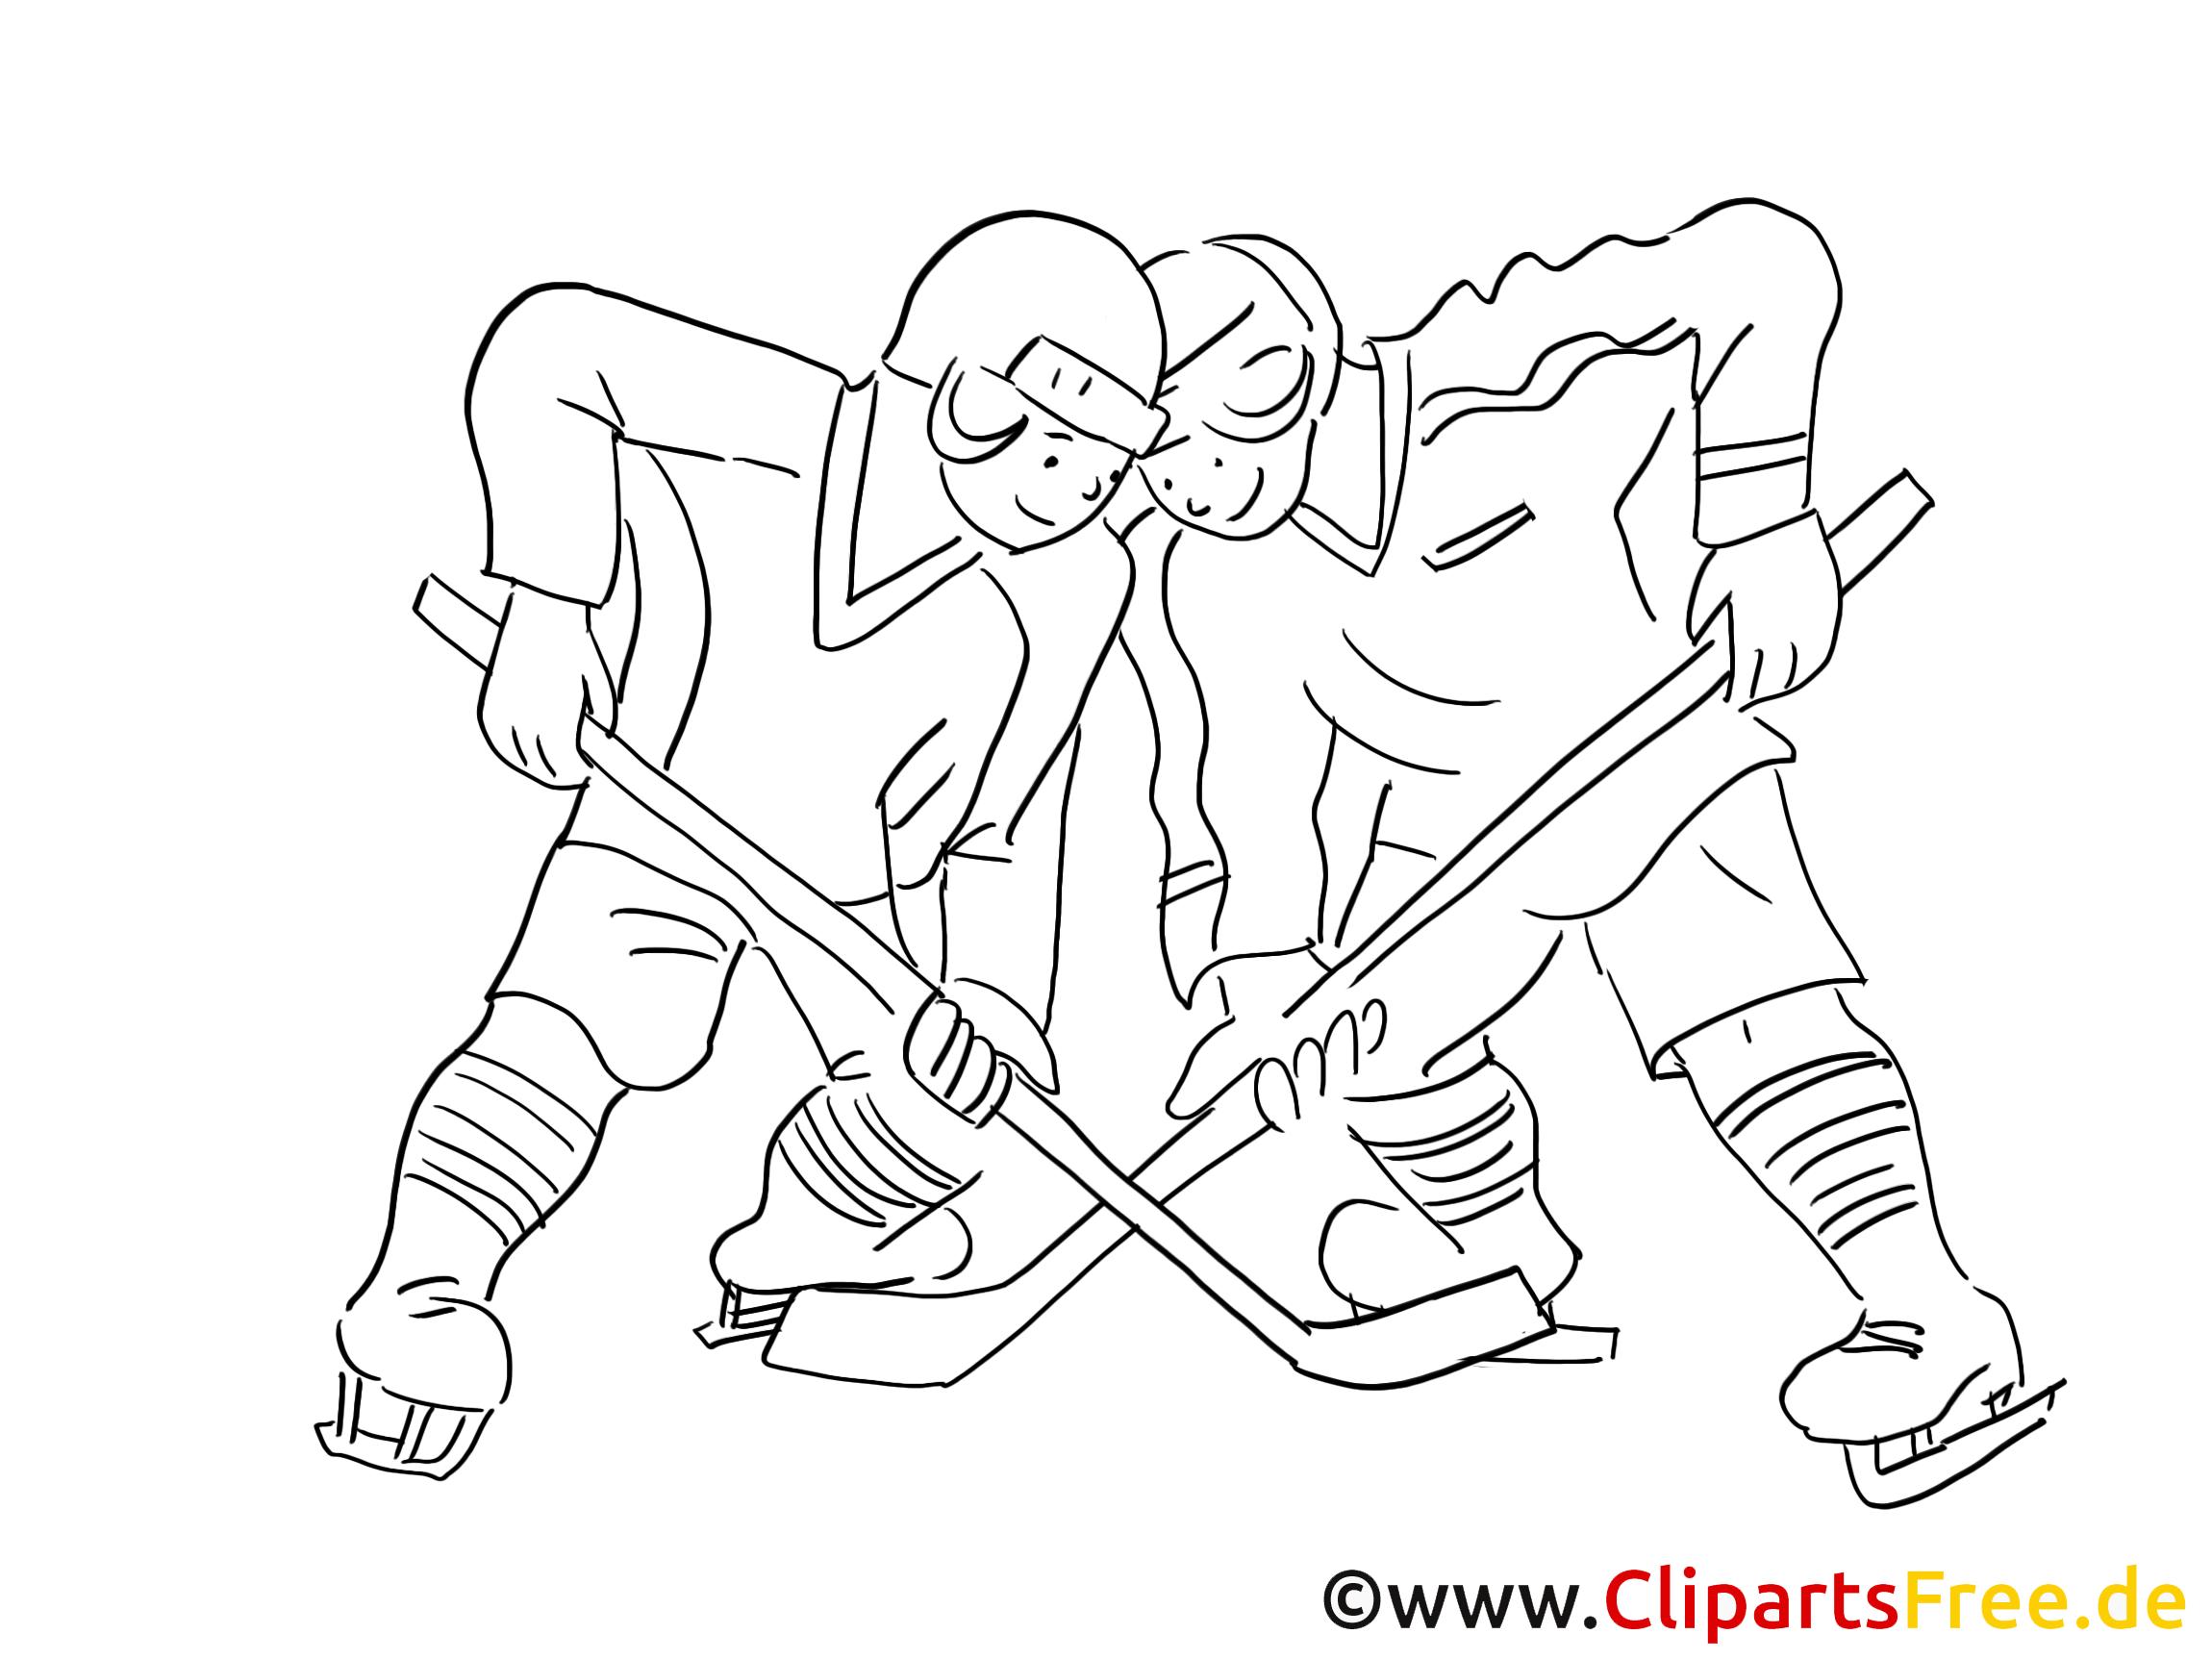 eishockey bild clipart grafik comic schwarz weiss zum. Black Bedroom Furniture Sets. Home Design Ideas